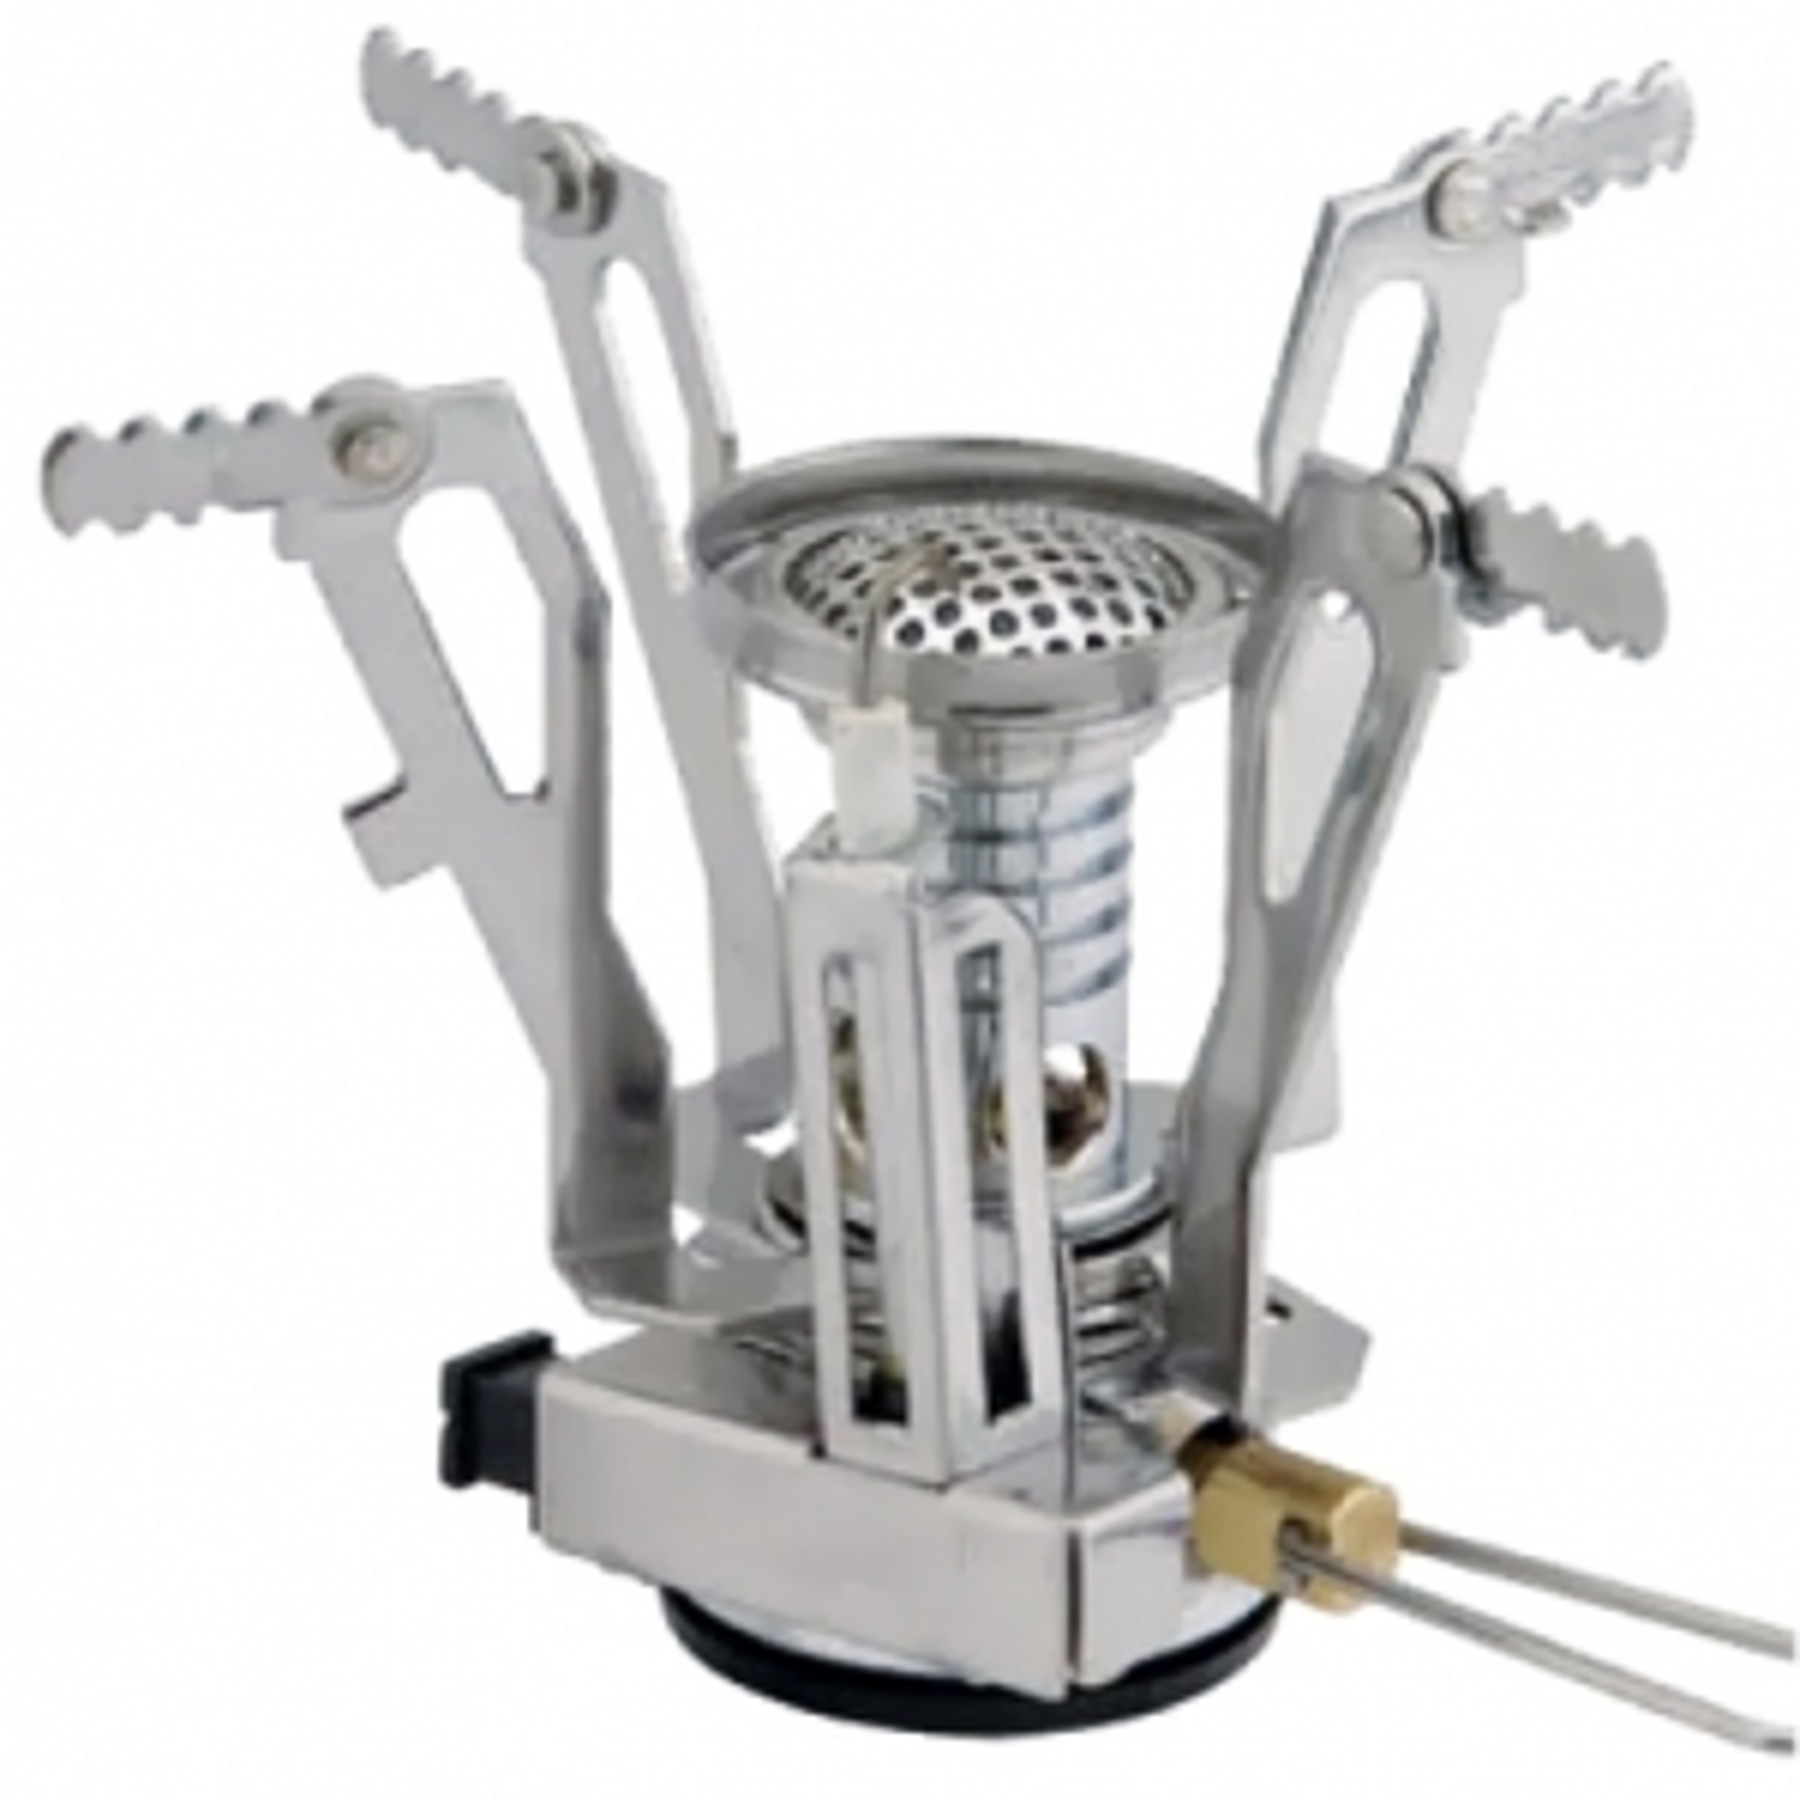 Горелка газовая Tramp TRG-009 складная с пьезоподжигом в футляре